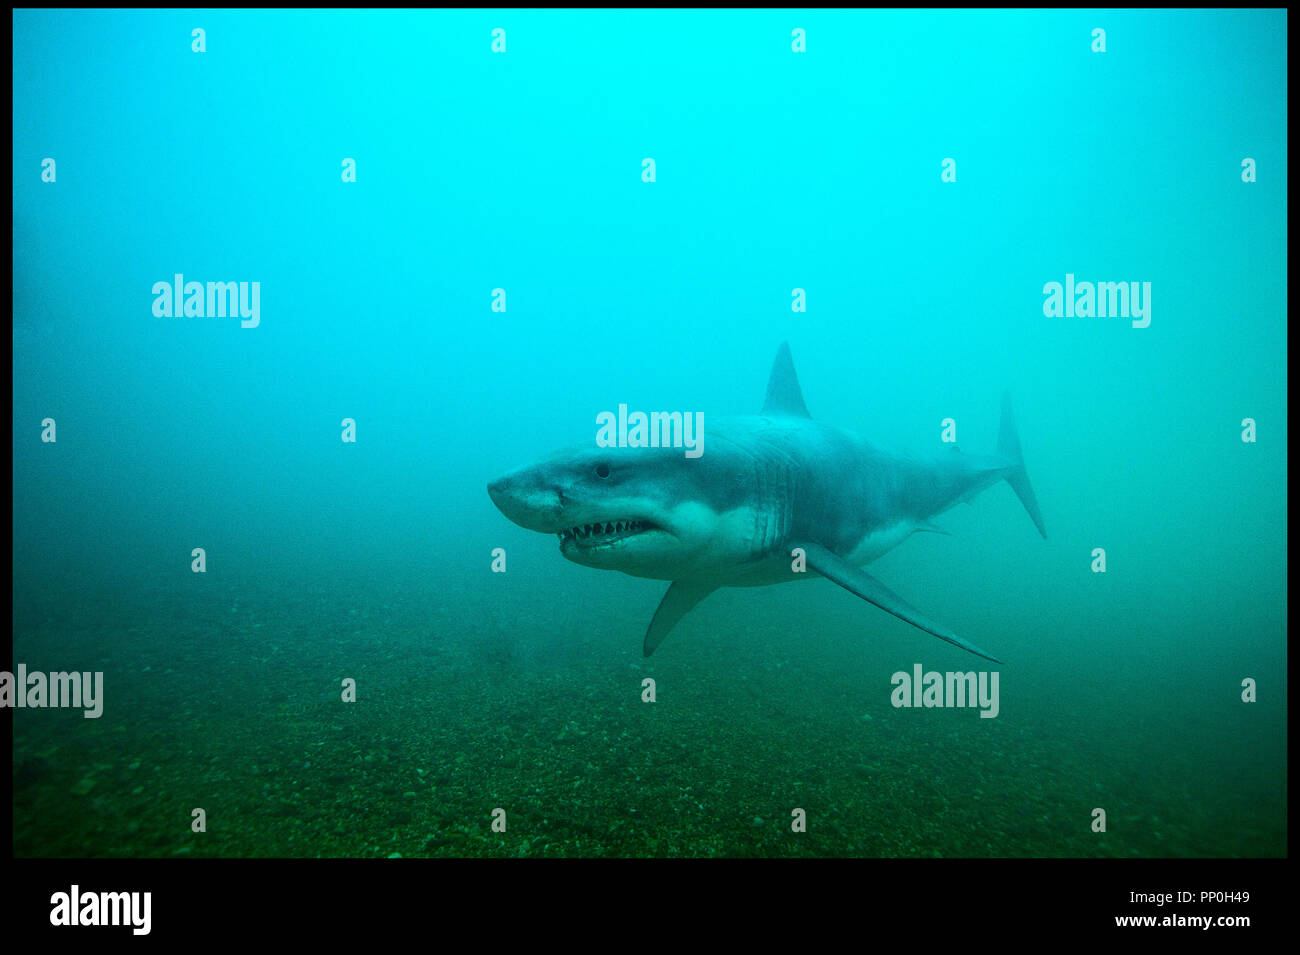 Prod DB © Incentive Filmed Entertainment - Next Films - Sierra Pictures / DR SHARK 3D (SHARK NIGHT 3D) de David R. Ellis 2011 USA requin, horreur Stock Photo